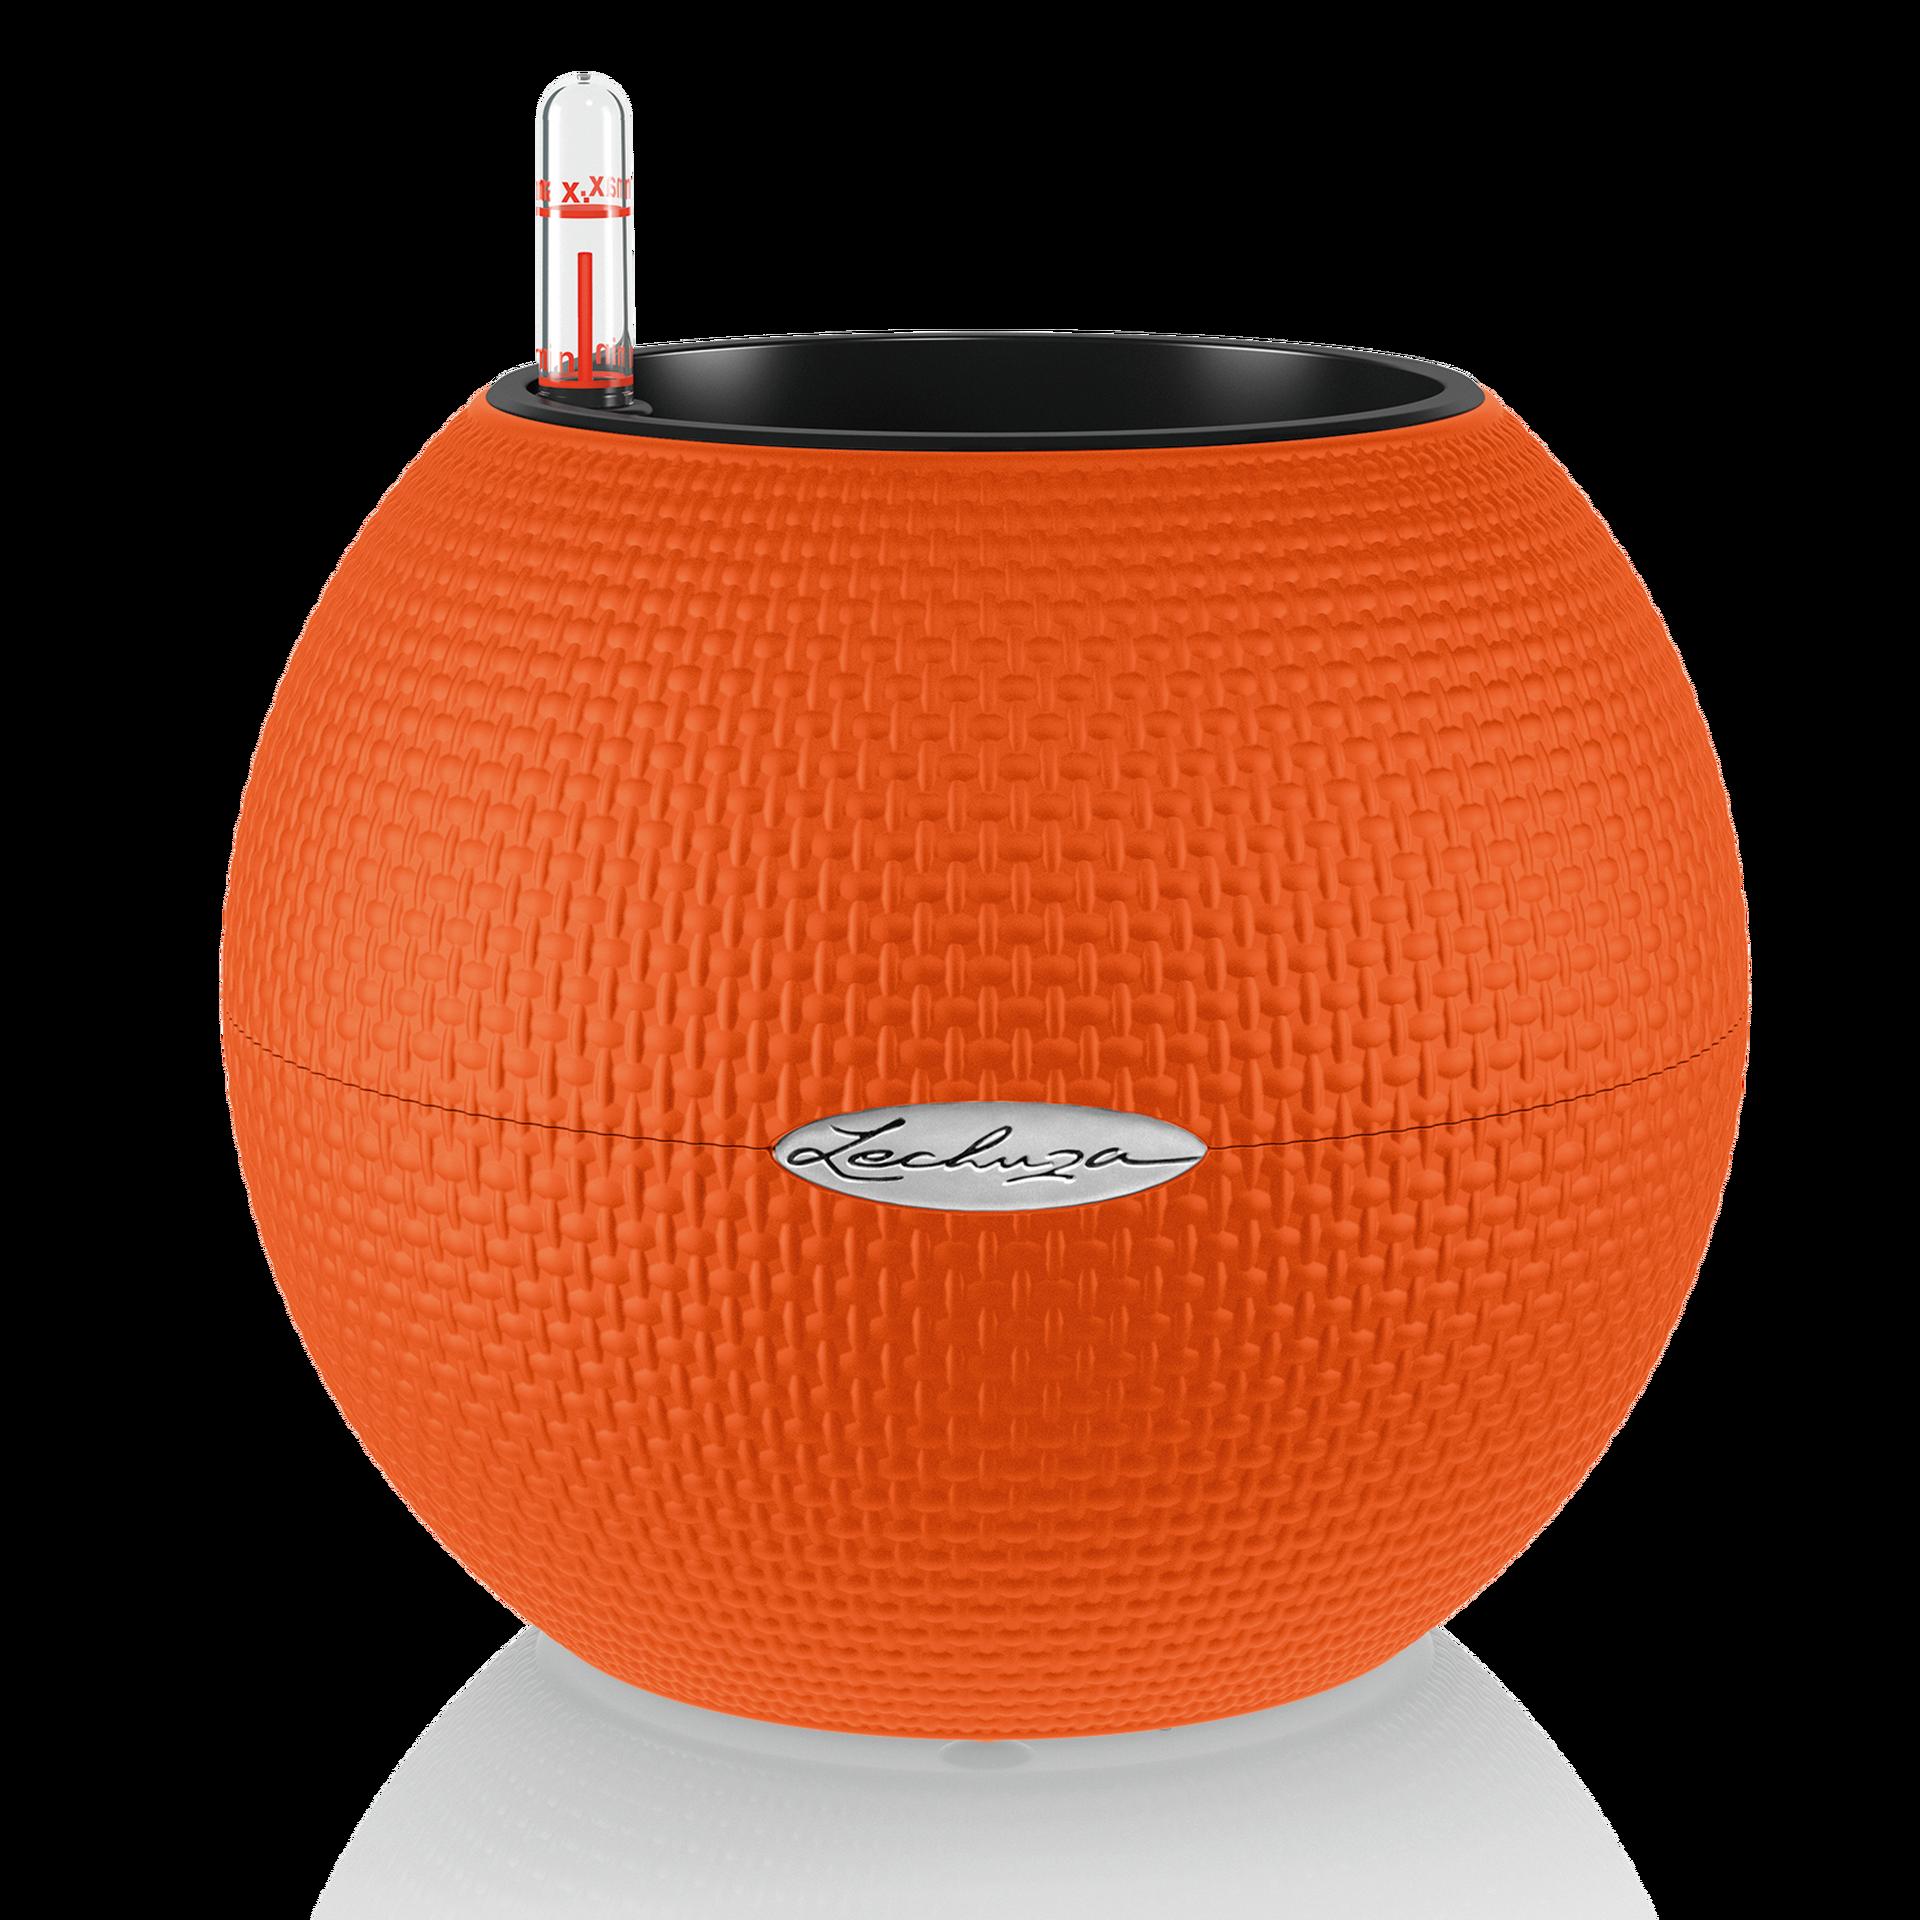 LECHUZA-PURO Color 20 naranja calabaza